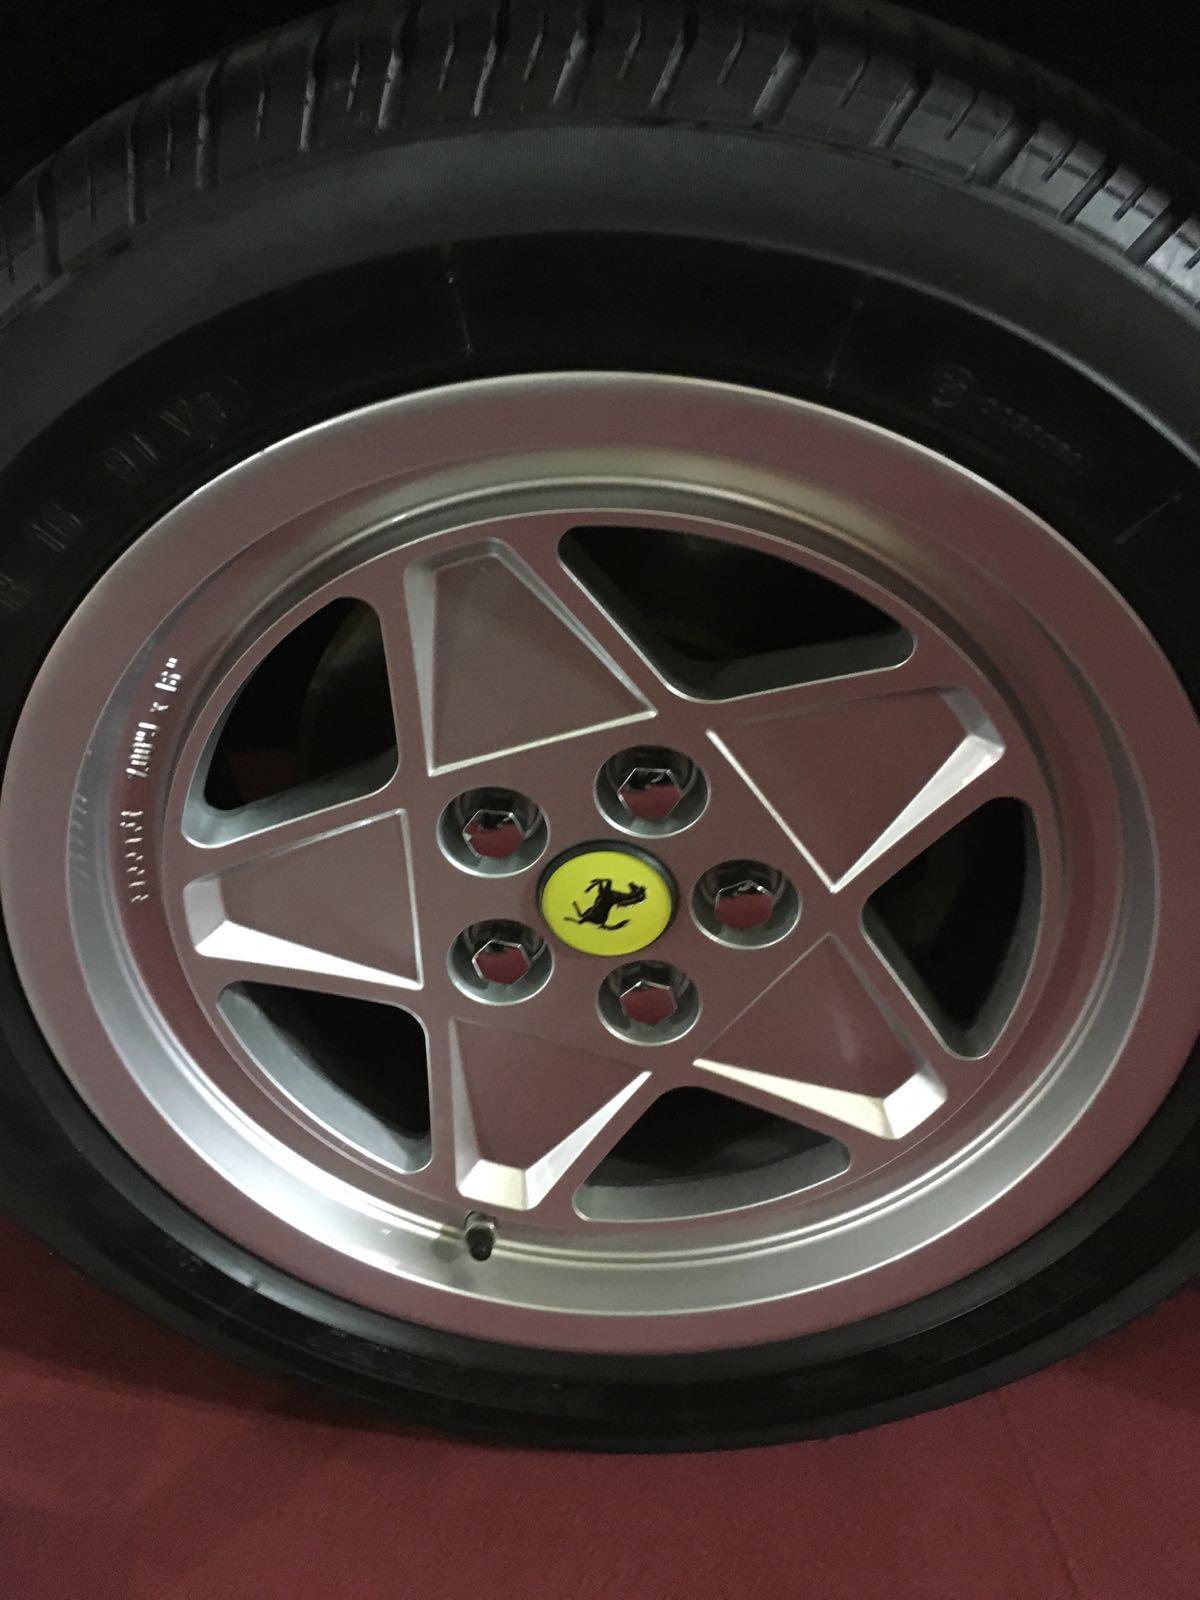 Ferrari 308 Wheel